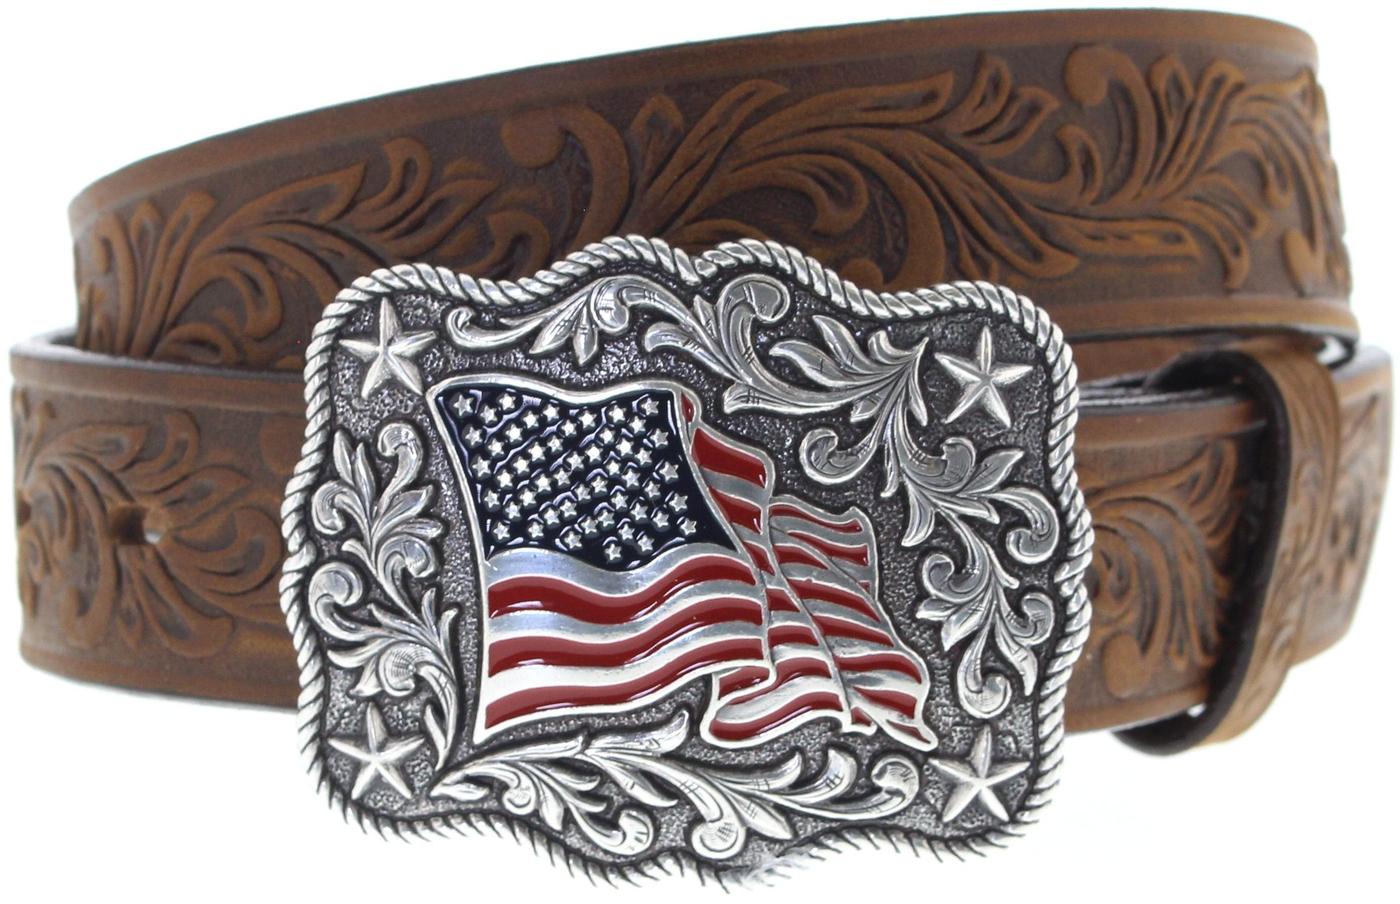 Justin Belts C30219 Brown American Pride Belt - brown